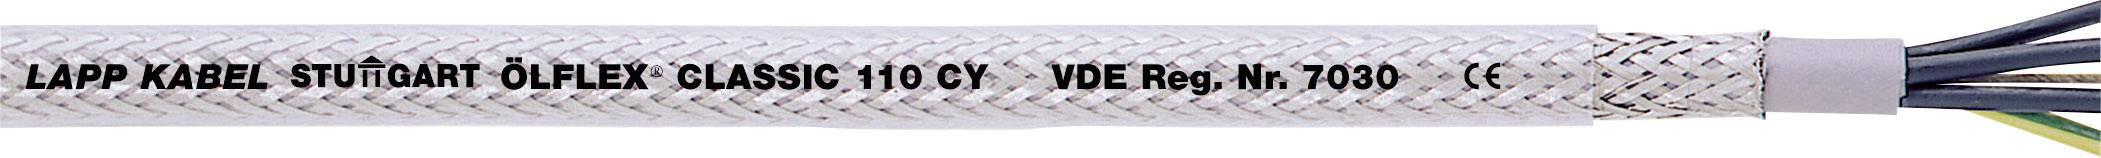 Řídicí kabel LAPP ÖLFLEX® CLASSIC 110 CY 1135504, 4 G 4.0 mm², vnější Ø 13.40 mm, transparentní, metrové zboží